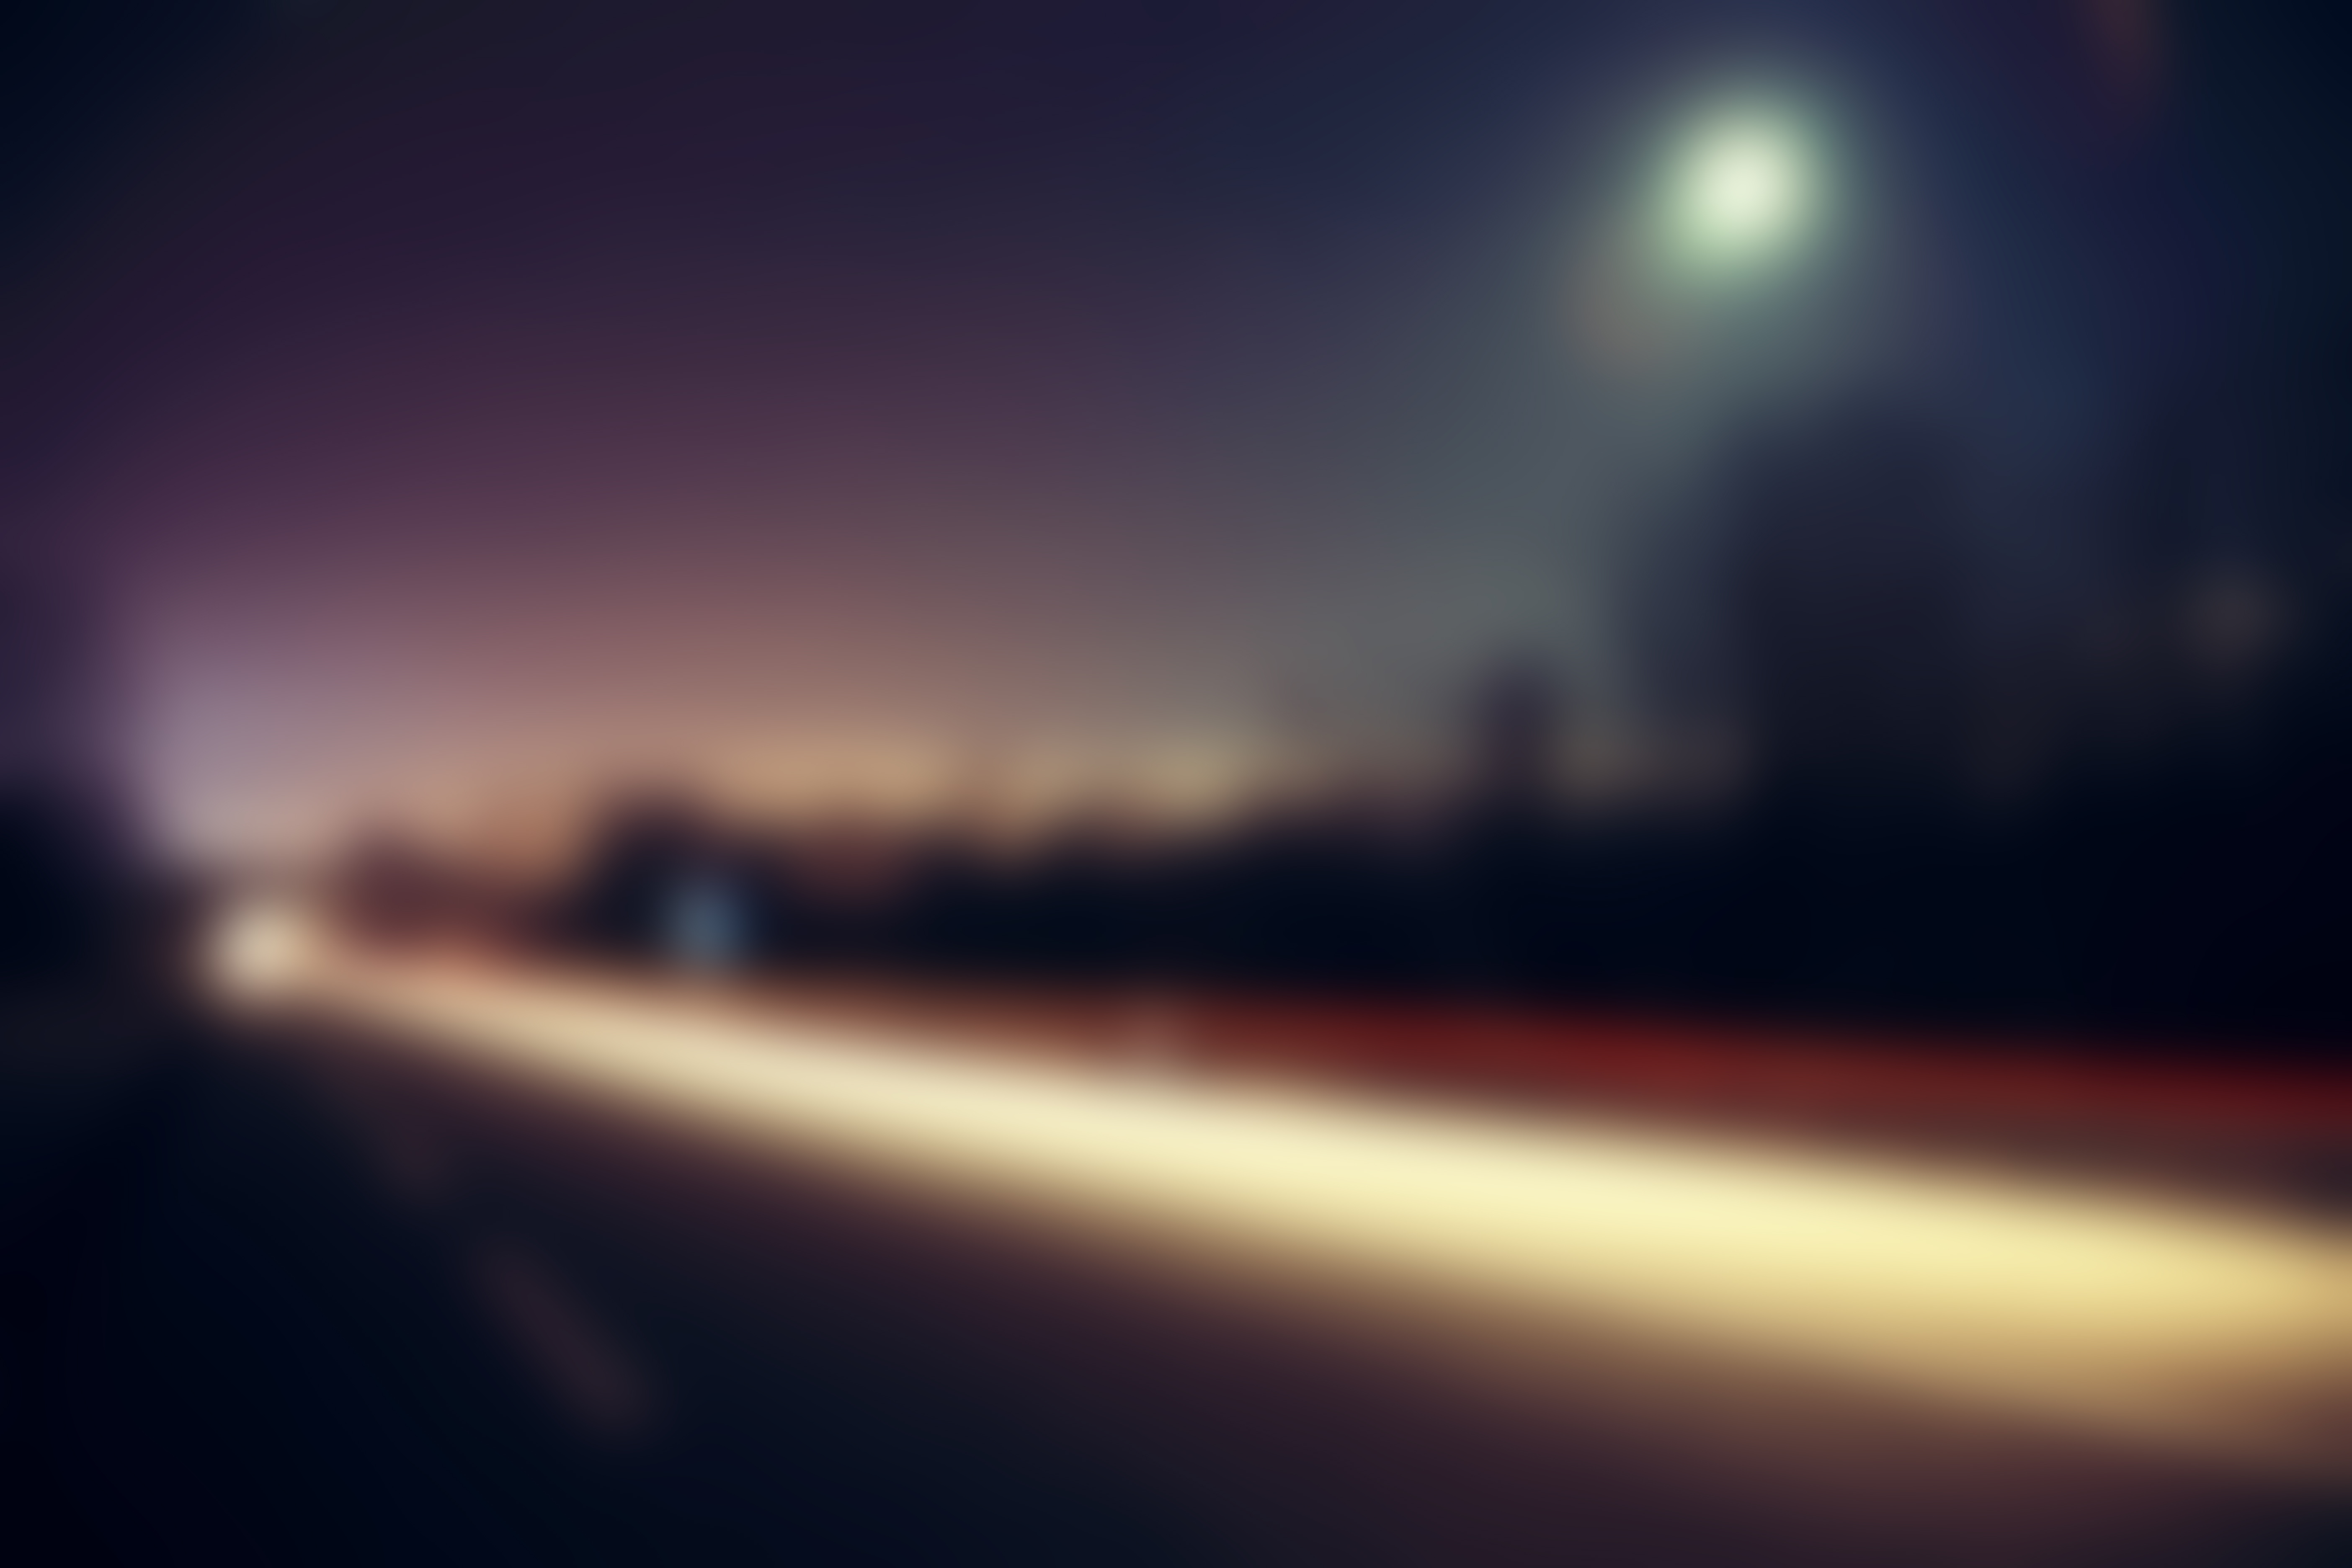 roadnightbg